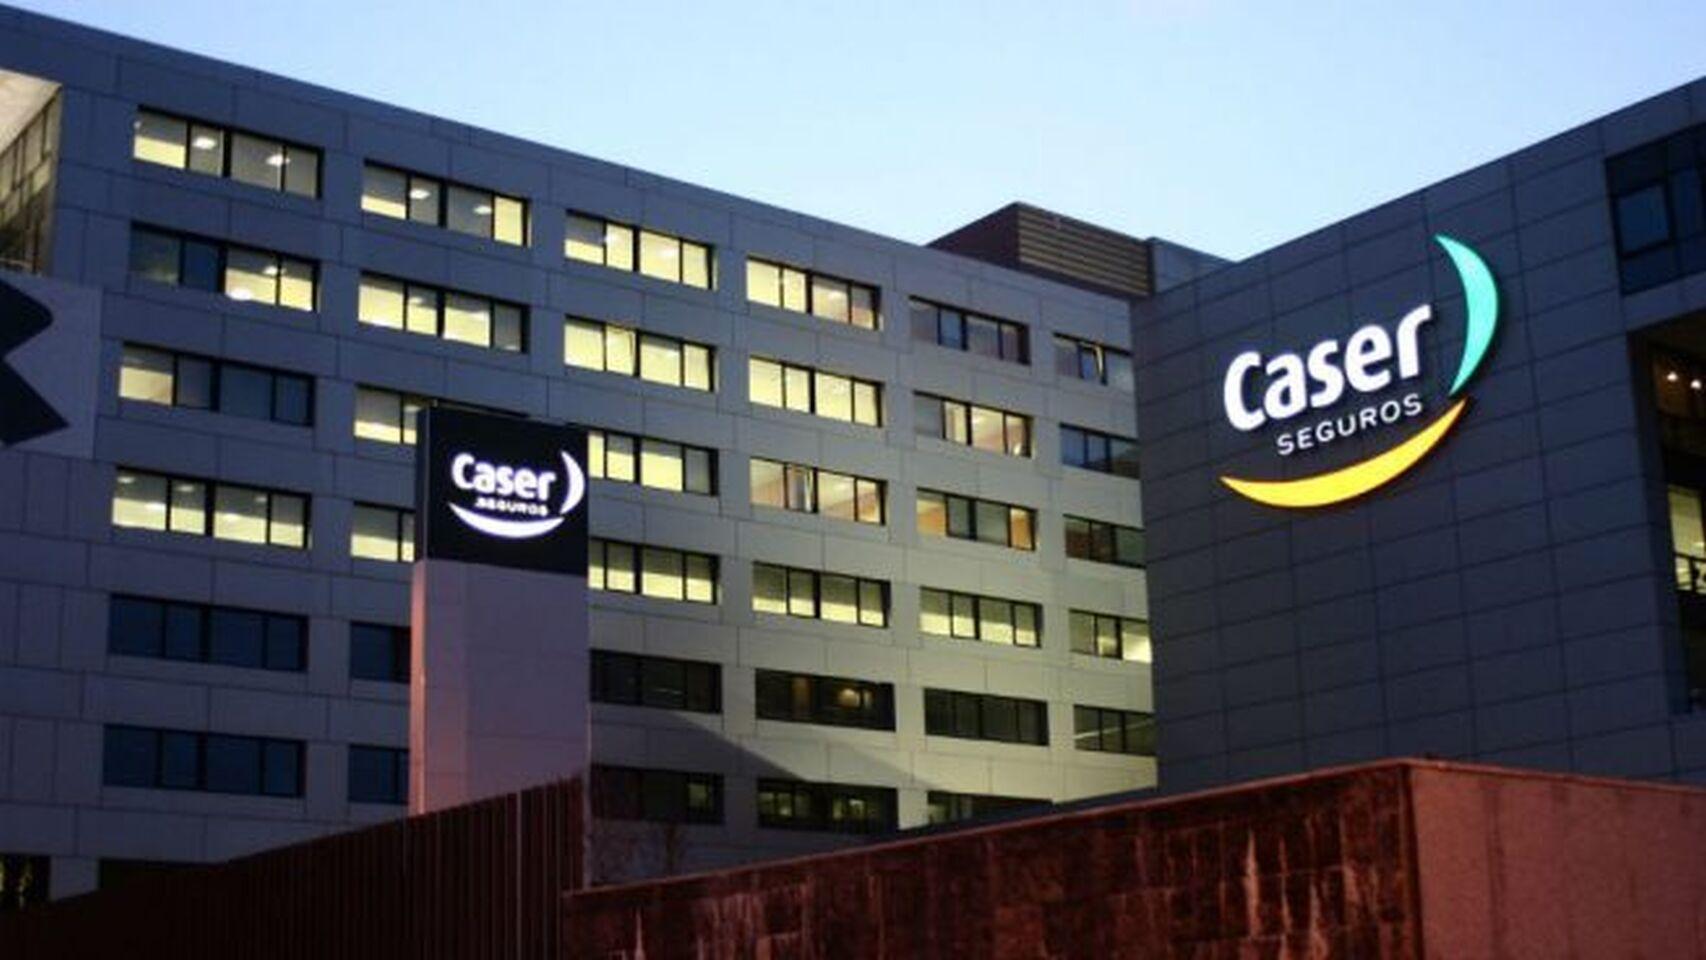 Helvetia compra el 70% de Caser por 780 millones. Tranquilos: los suizos se comprometen a mantener la cúpula directiva y la marca